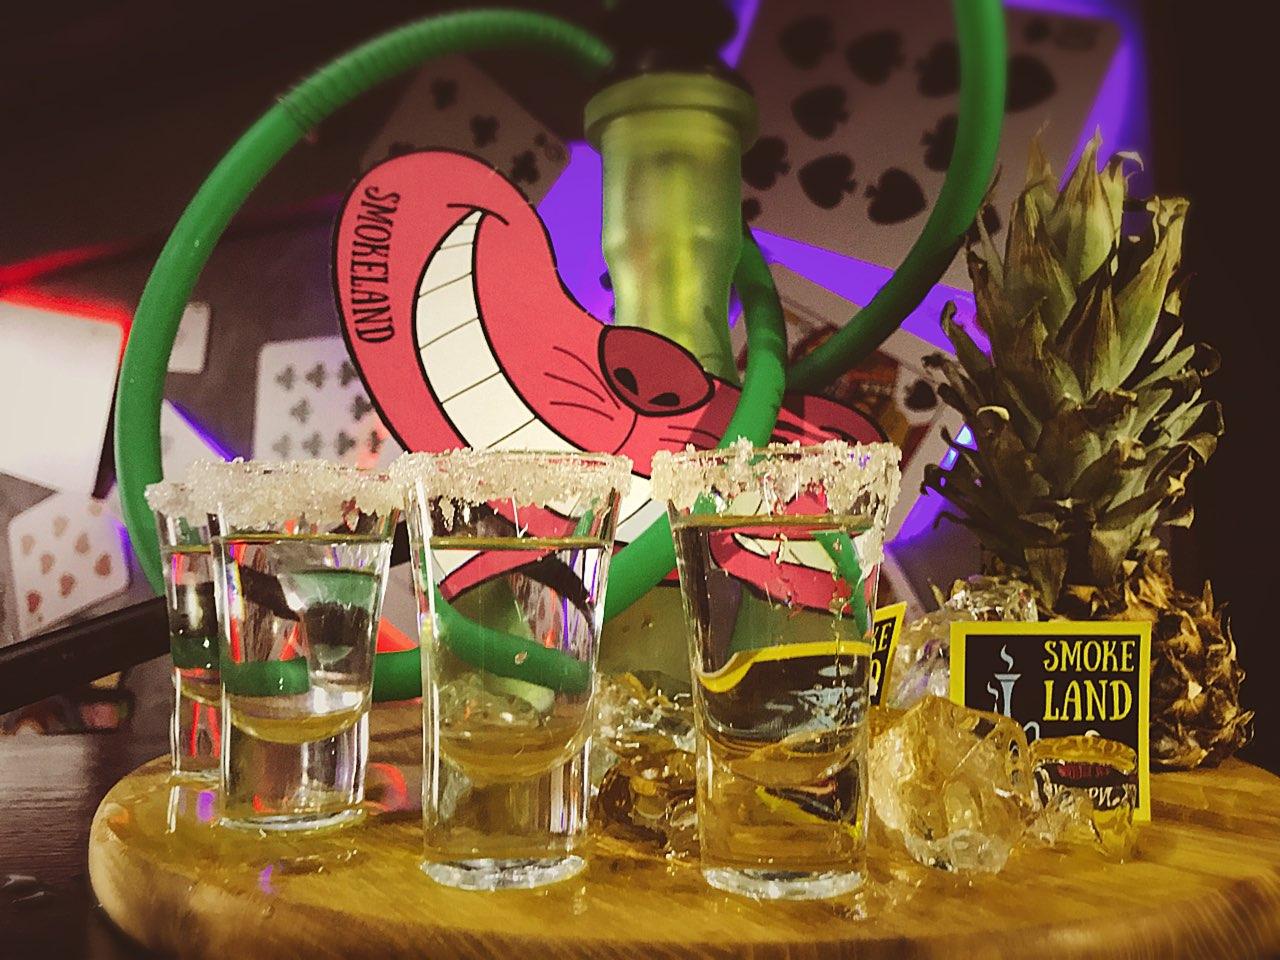 Кальян-бар киев, кальян-бар Smokeland, кальянная в центре киева,Меню кальян бара SMOKELAND,кальян бар киев,киев кальян,где покурить кальян киев, кальянные киева,кальян саксаганского ( (27)